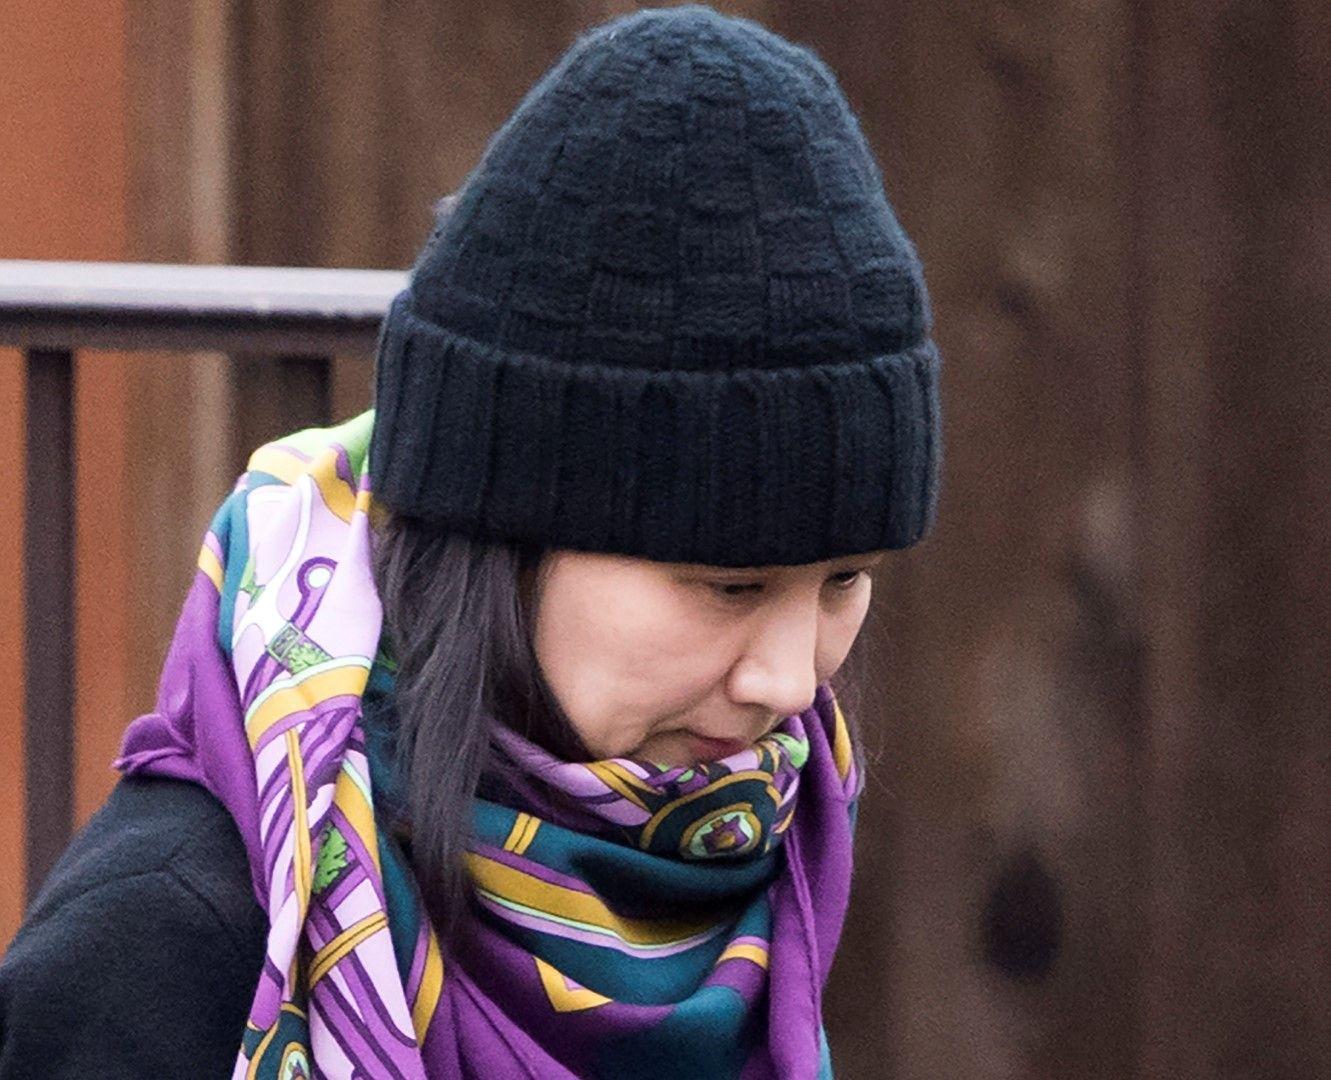 Мън Ванчжоу излиза от дома си във Ванкувър на 12 декември 2018 г.